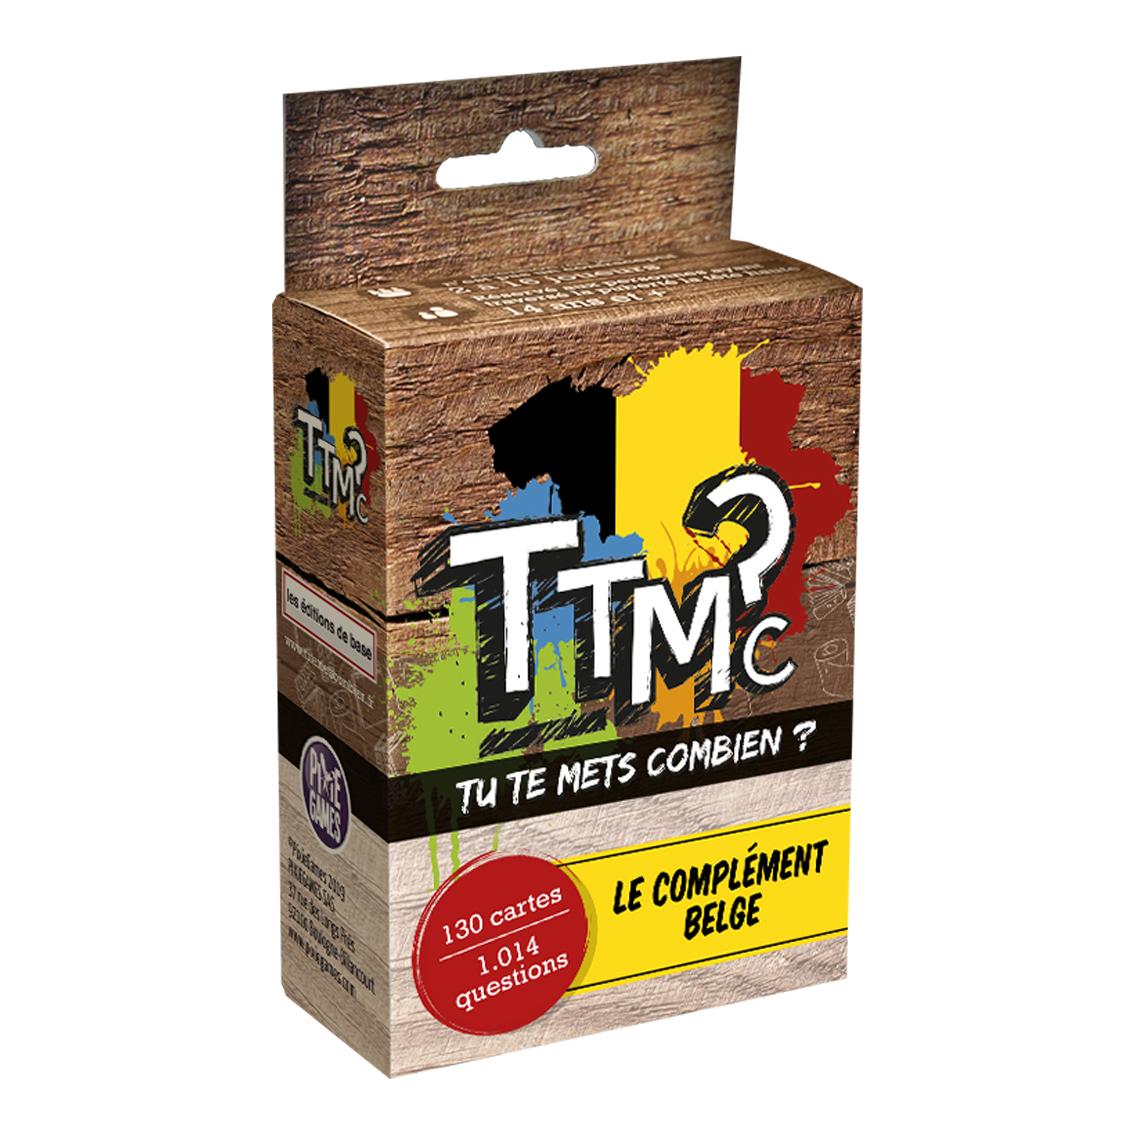 TTMC, Le Complément Belge (extension)